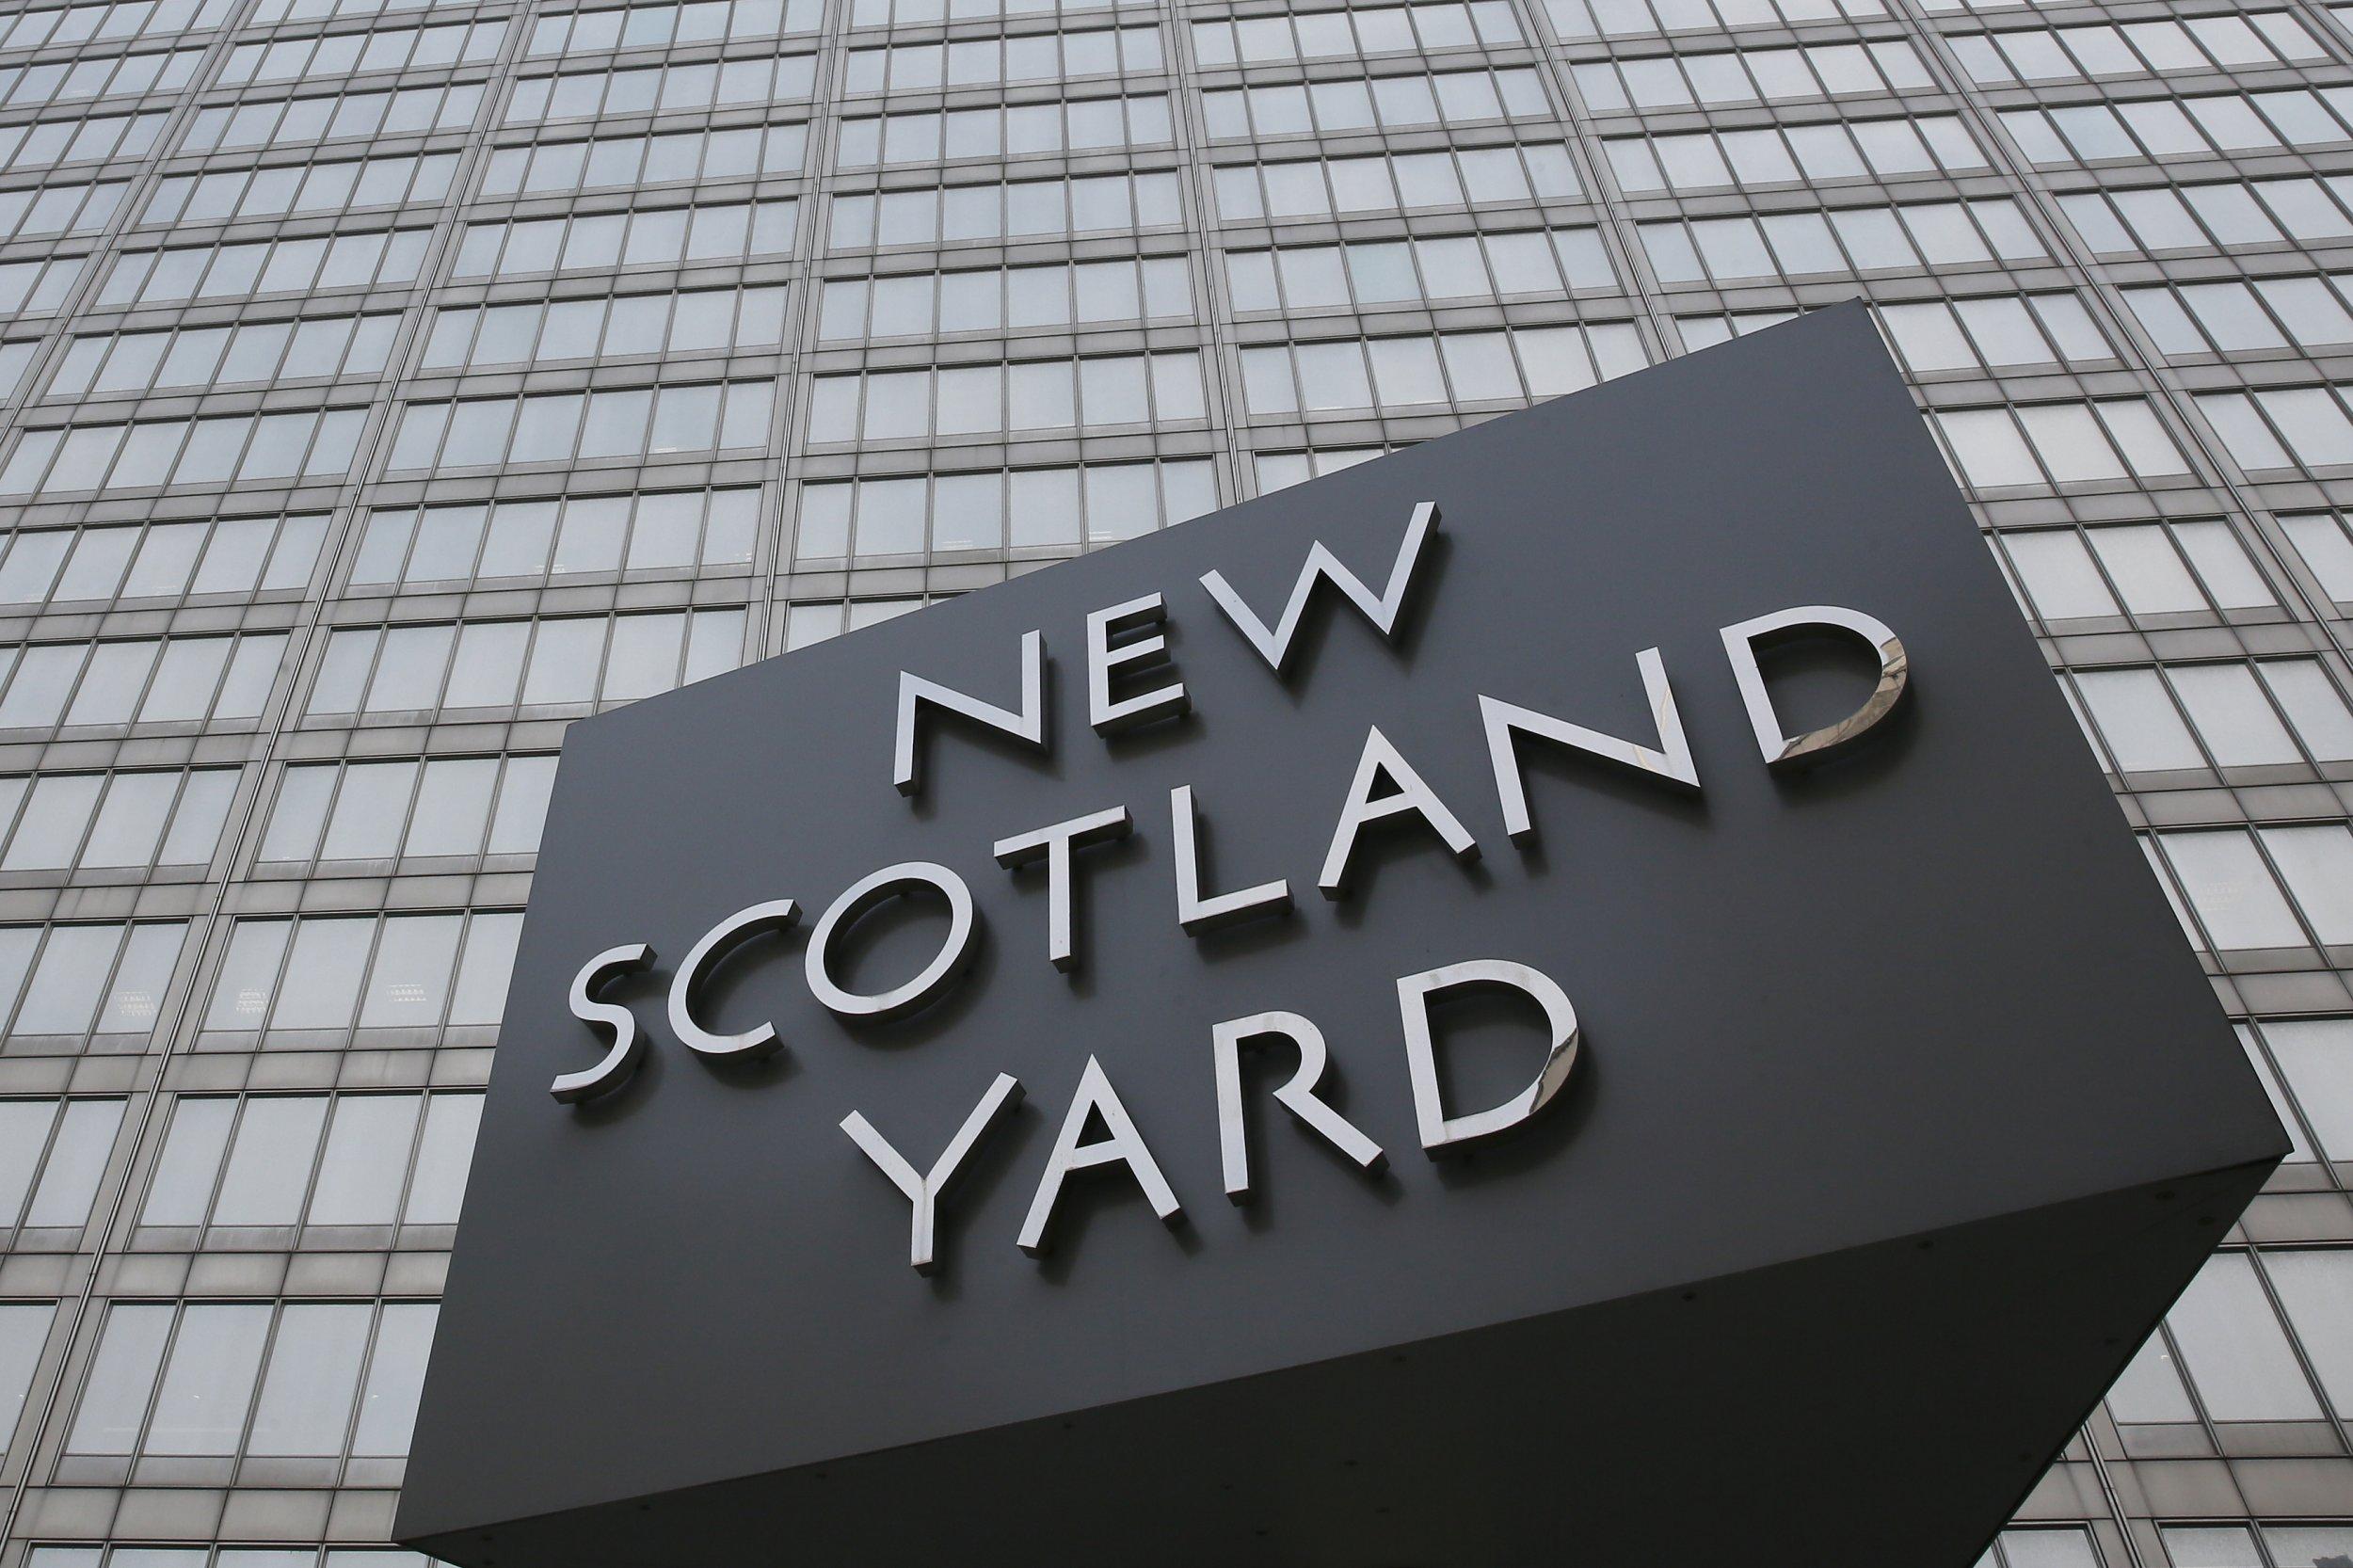 17/03/2015_Scotland Yard